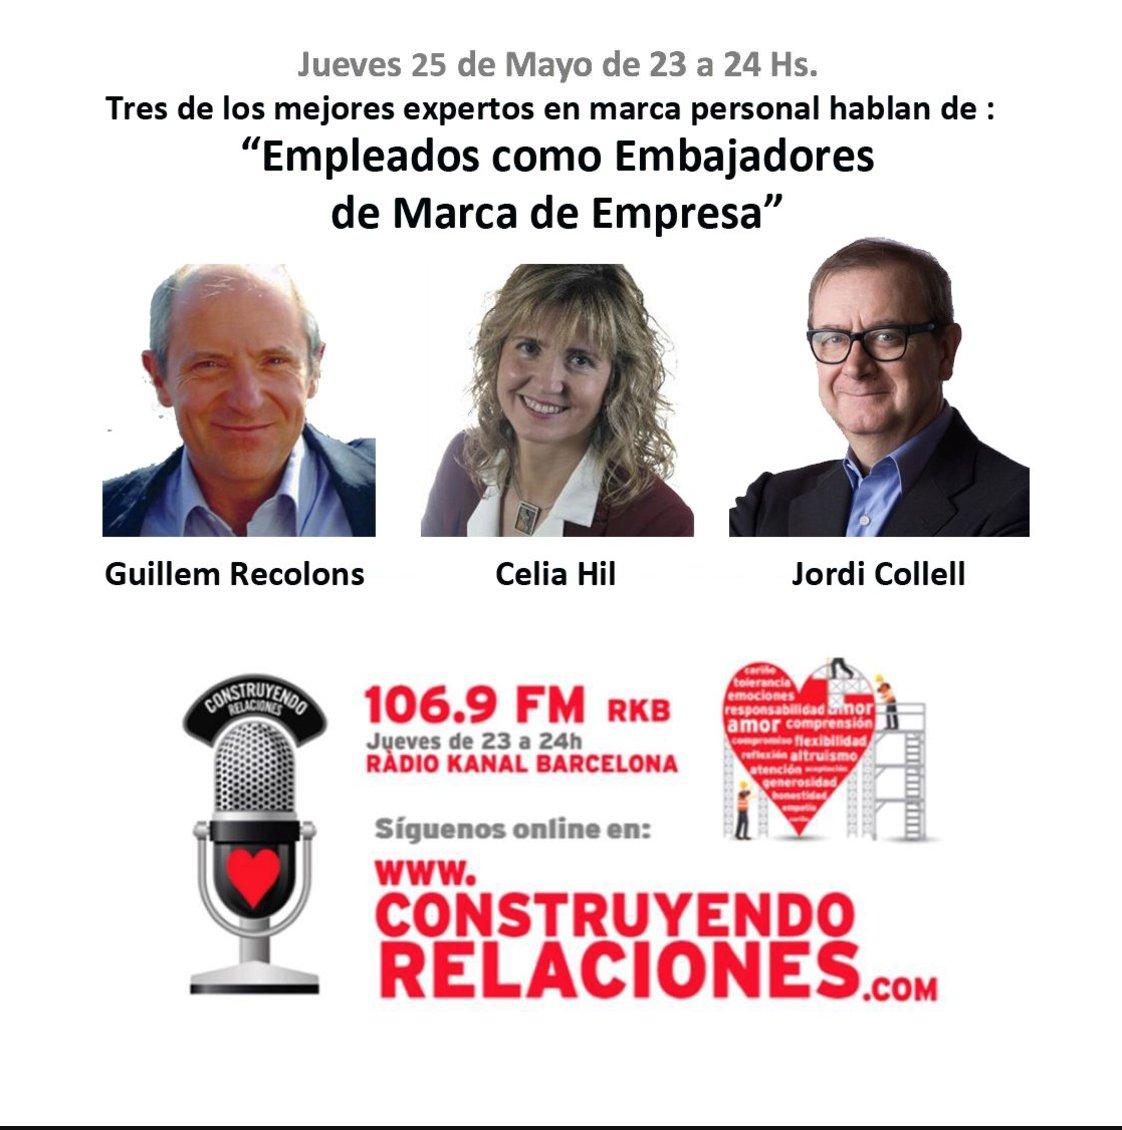 Esta noche nos escuchamos en @C_Relaciones con @CeliaHil @guillemrecolons y @Helmbrecht_R para hablar de #MarcaPersonal https://t.co/k9kpH81vge